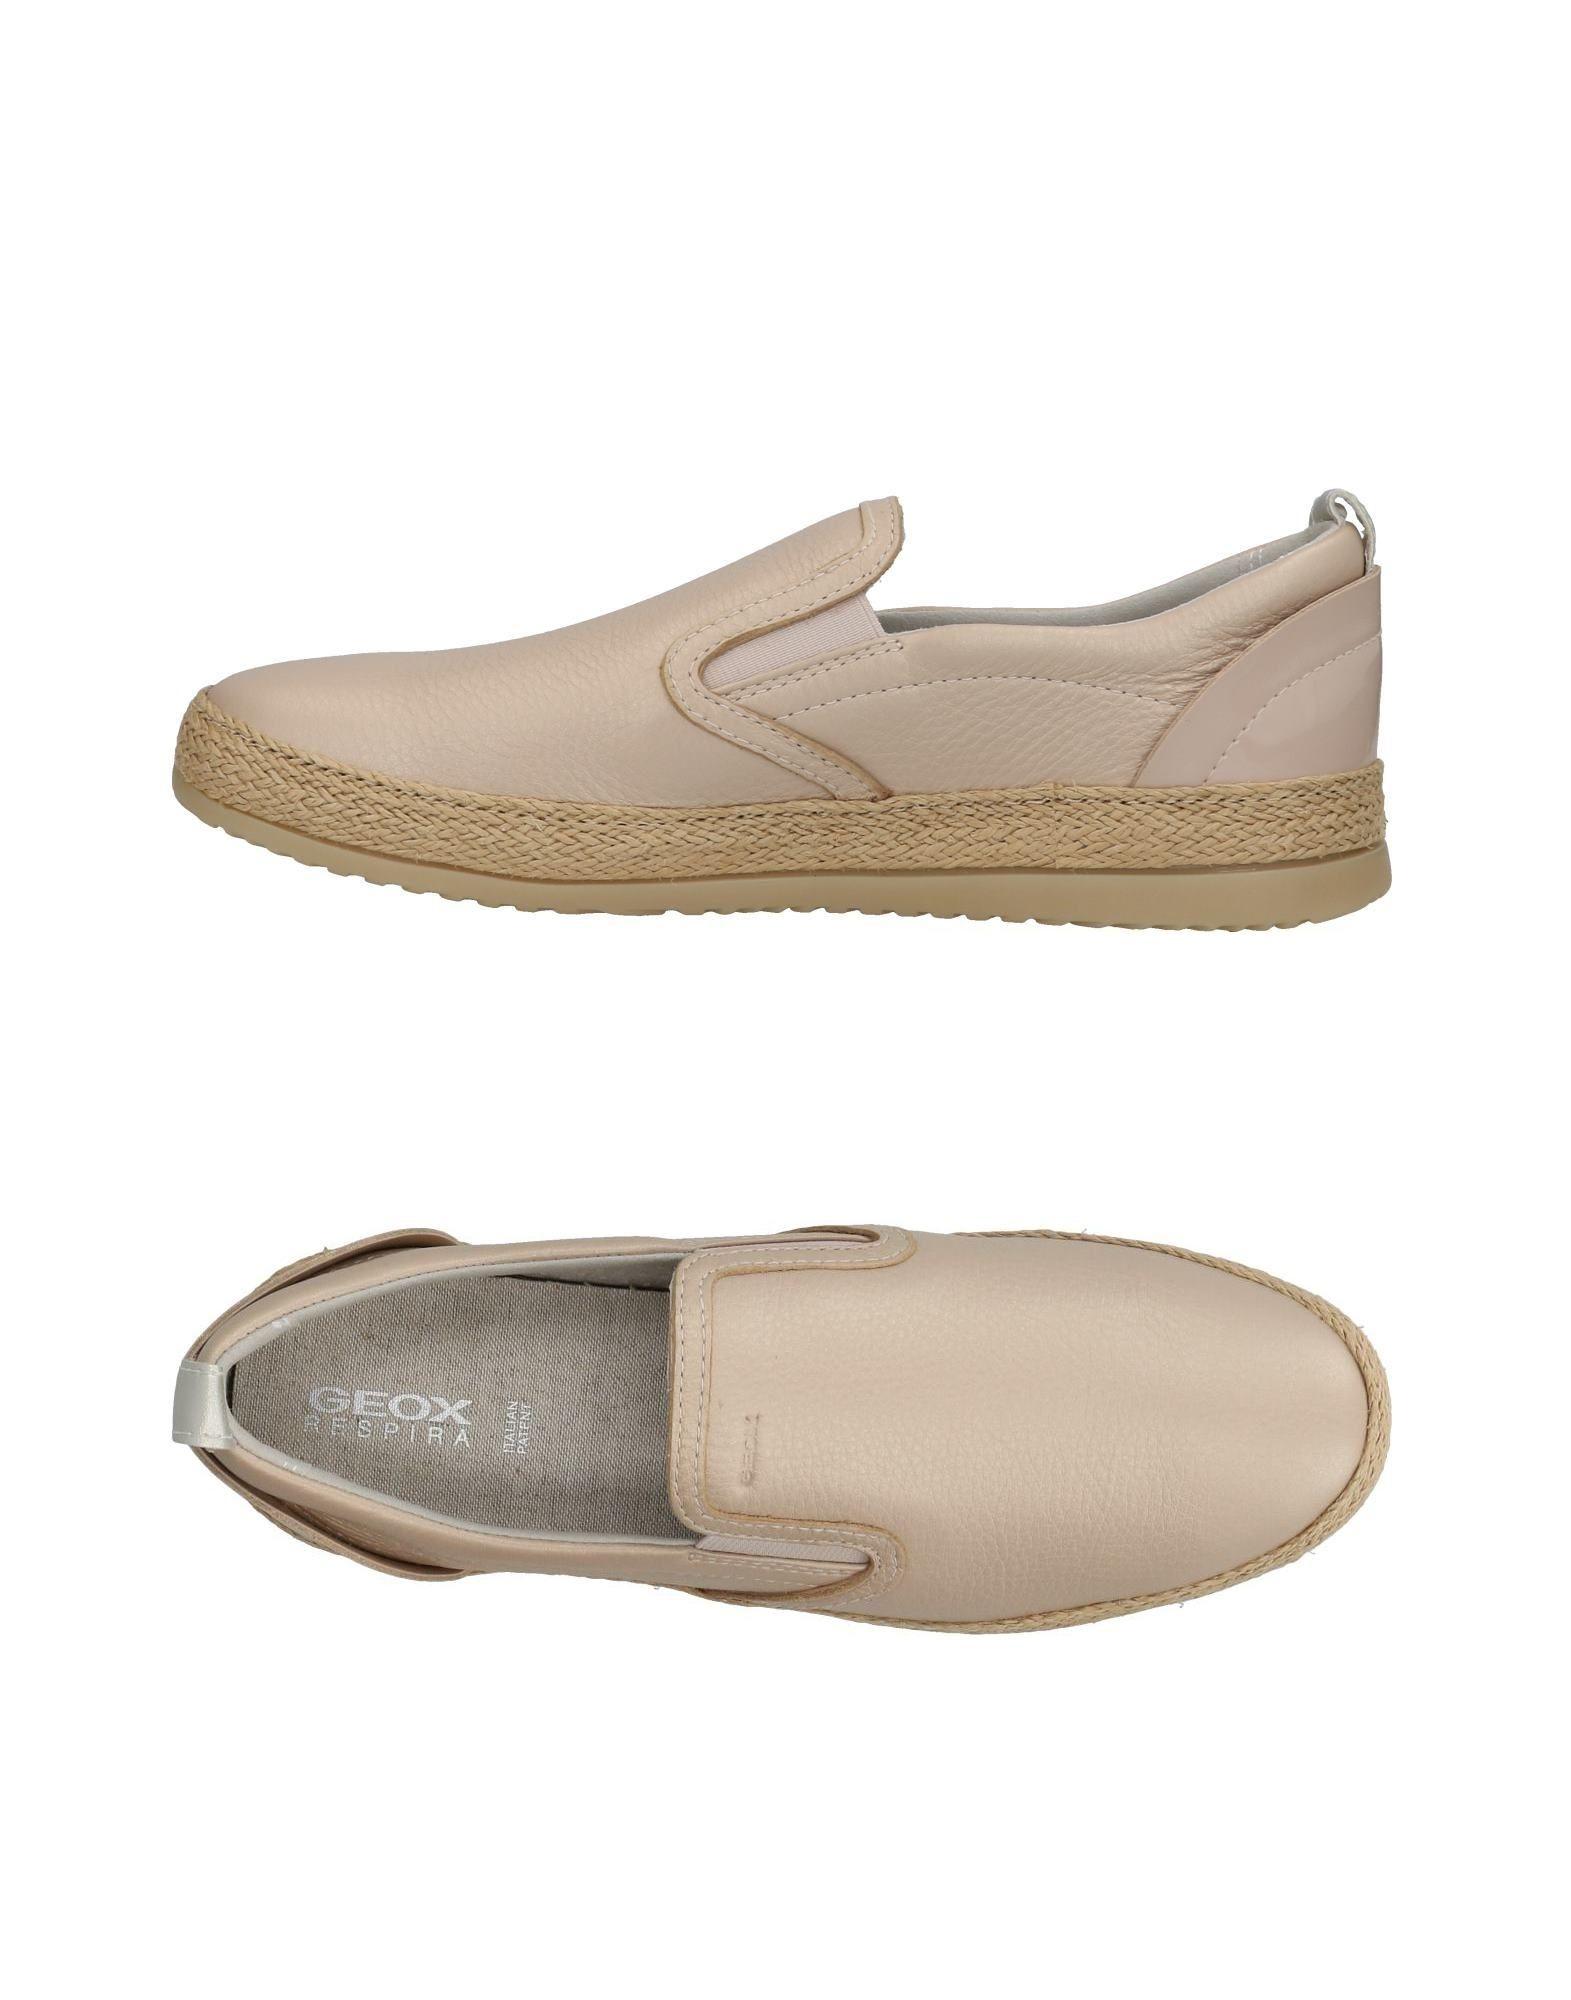 Sneakers Geox Donna - 11414457ID elegante